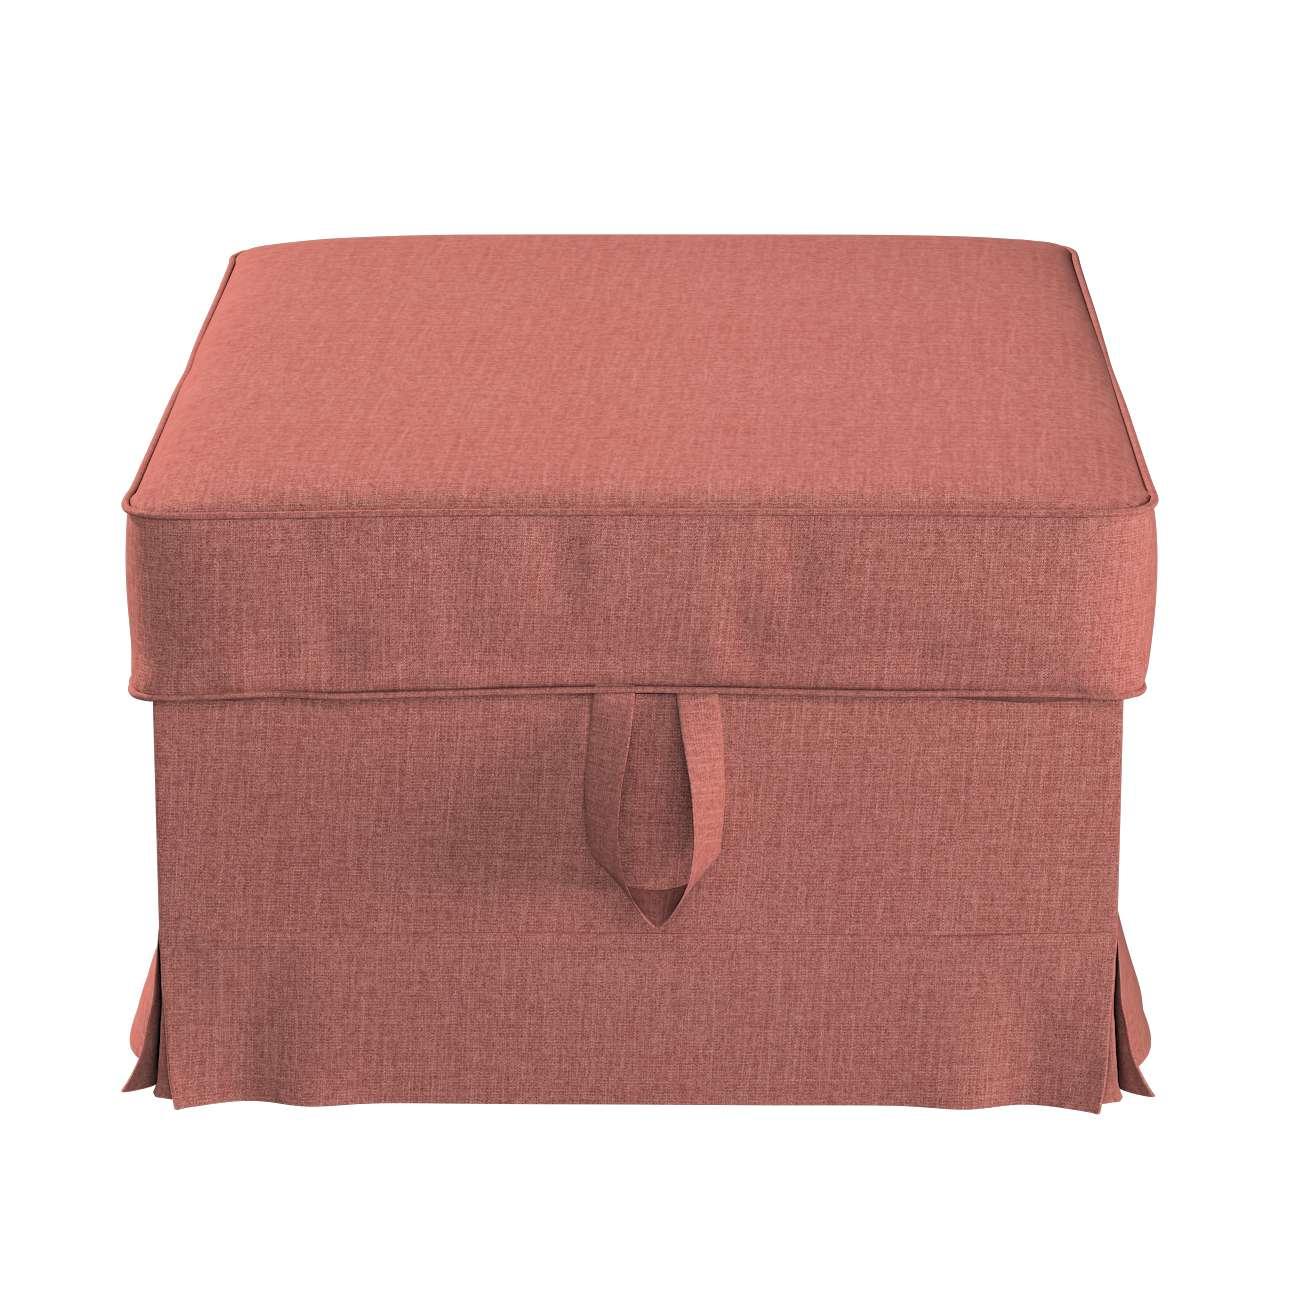 Pokrowiec na podnóżek Ektorp Bromma w kolekcji City, tkanina: 704-84